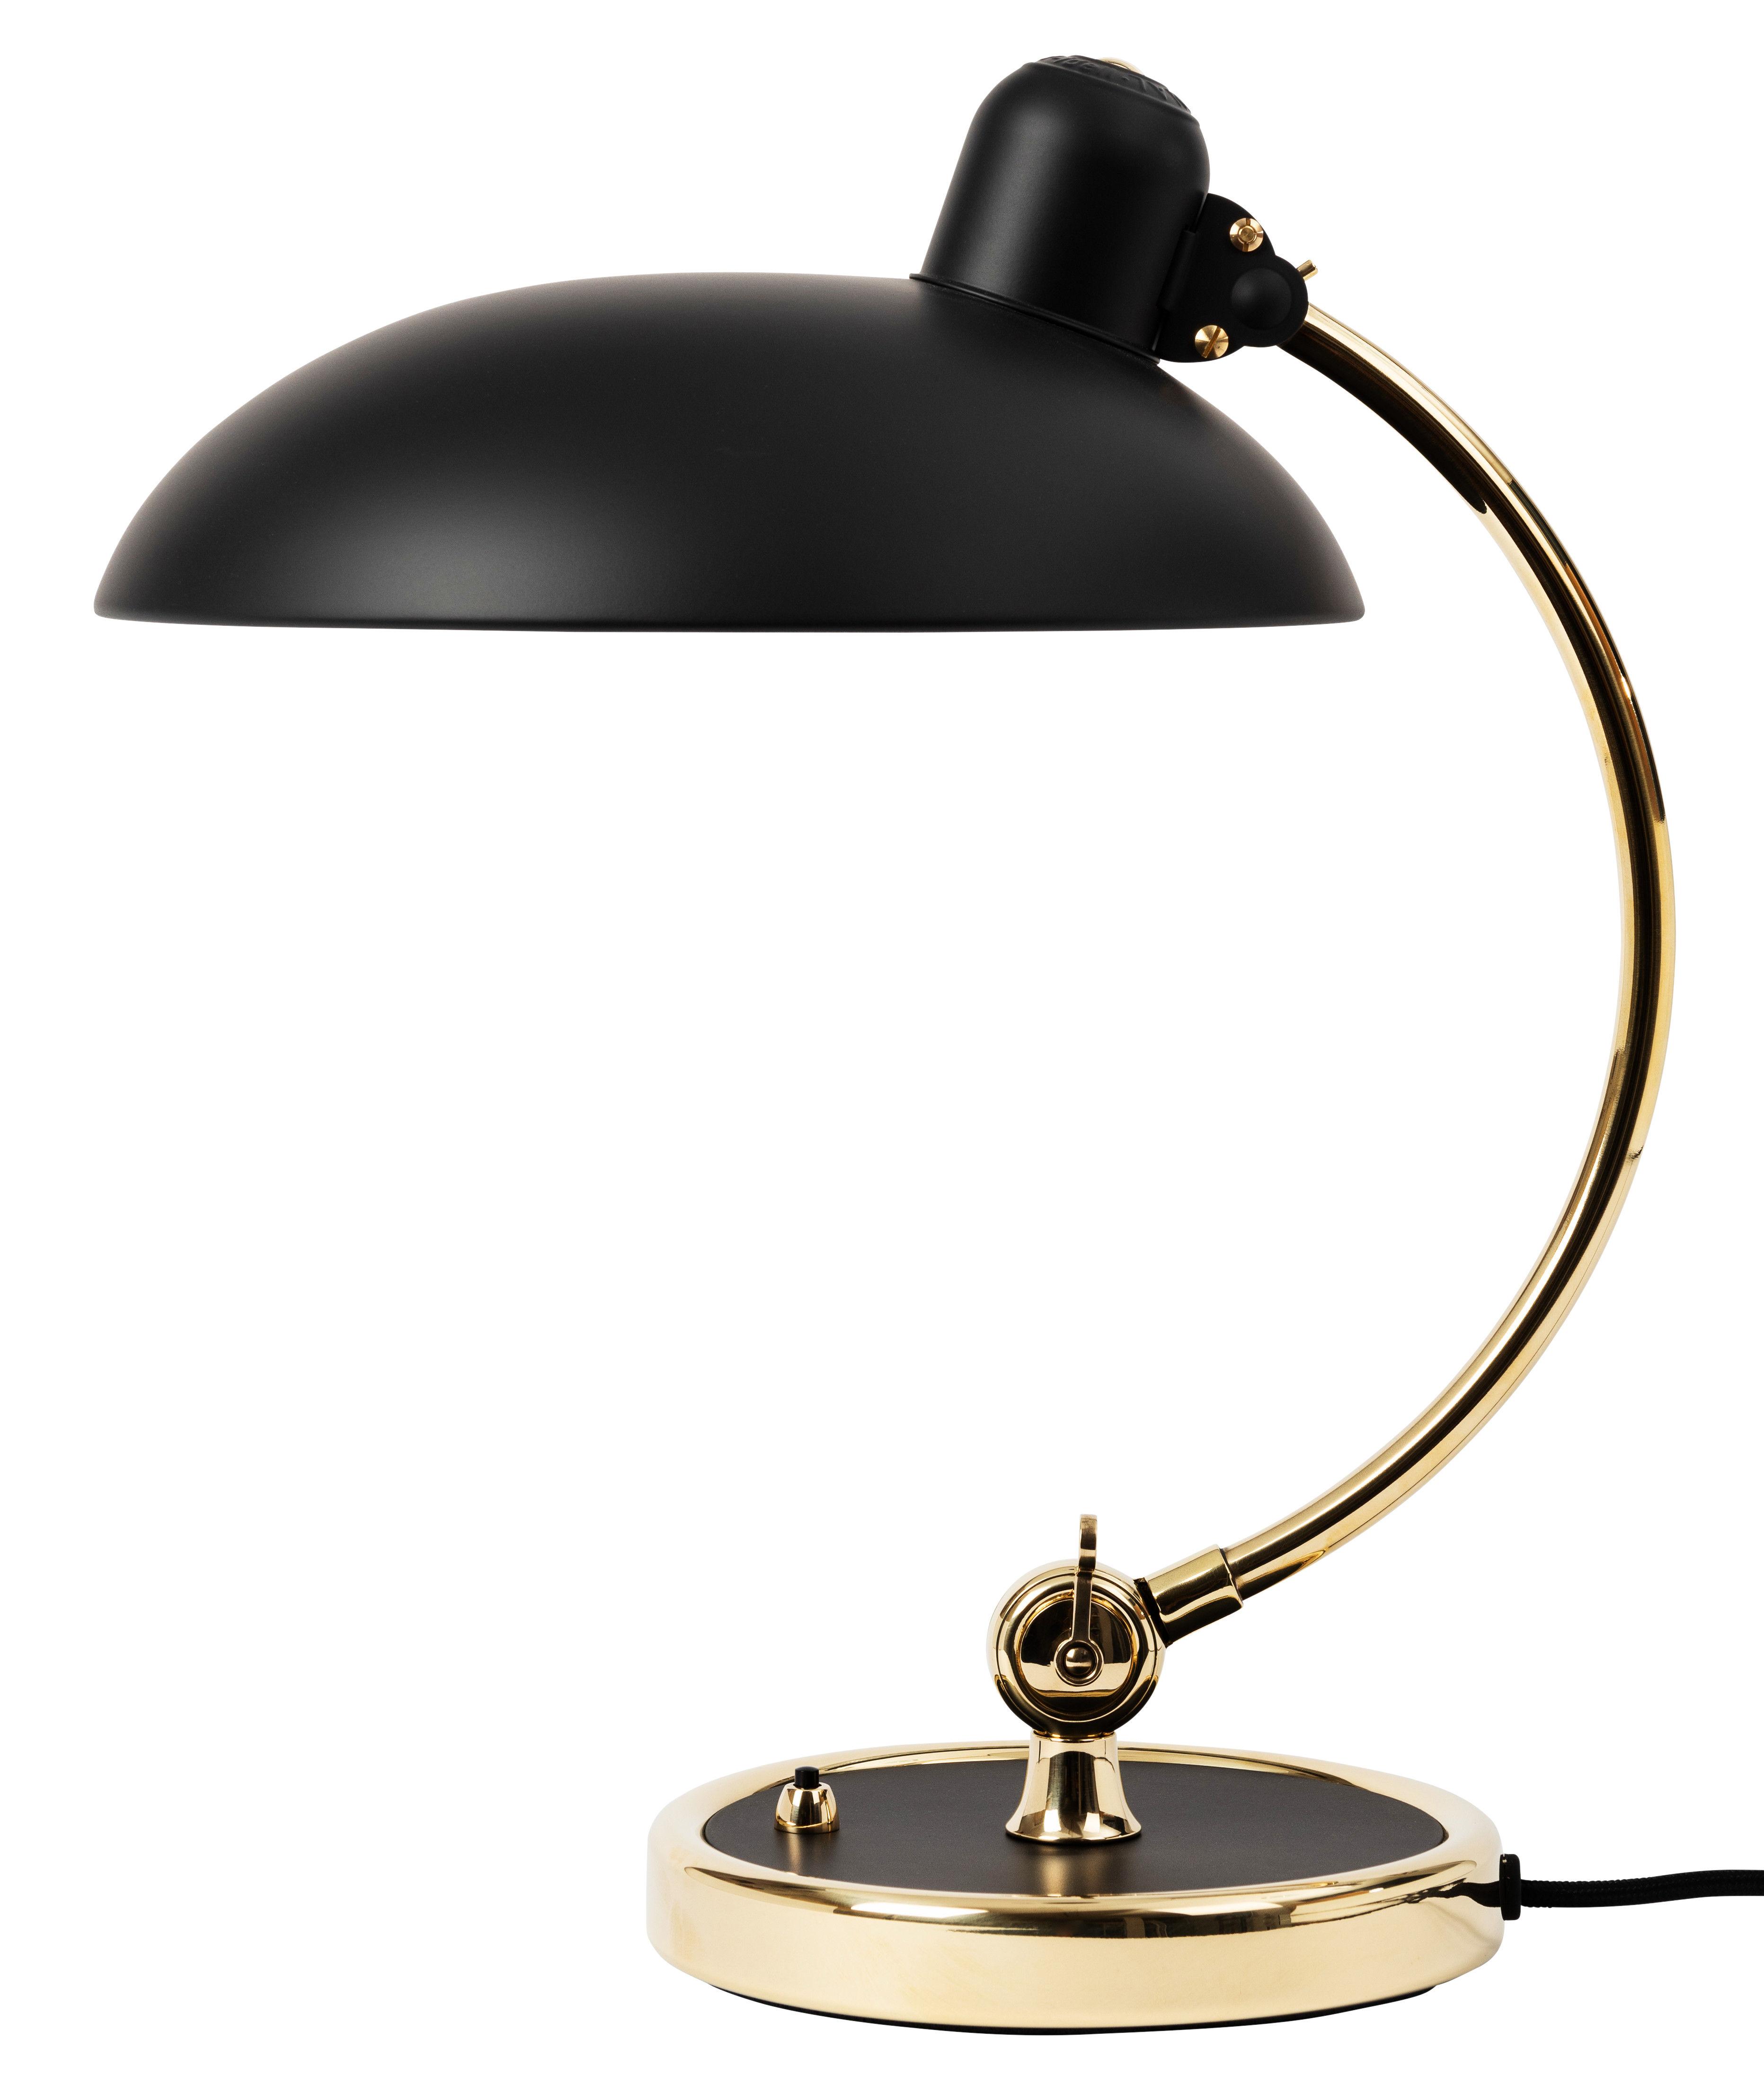 Illuminazione - Lampade da tavolo - Lampada da tavolo Kaiser idell - / Riedizione 1930 - Edizione limitata di Fritz Hansen - Nero opaco / Ottone lucidato - Acciaio verniciato, Ottone lucido